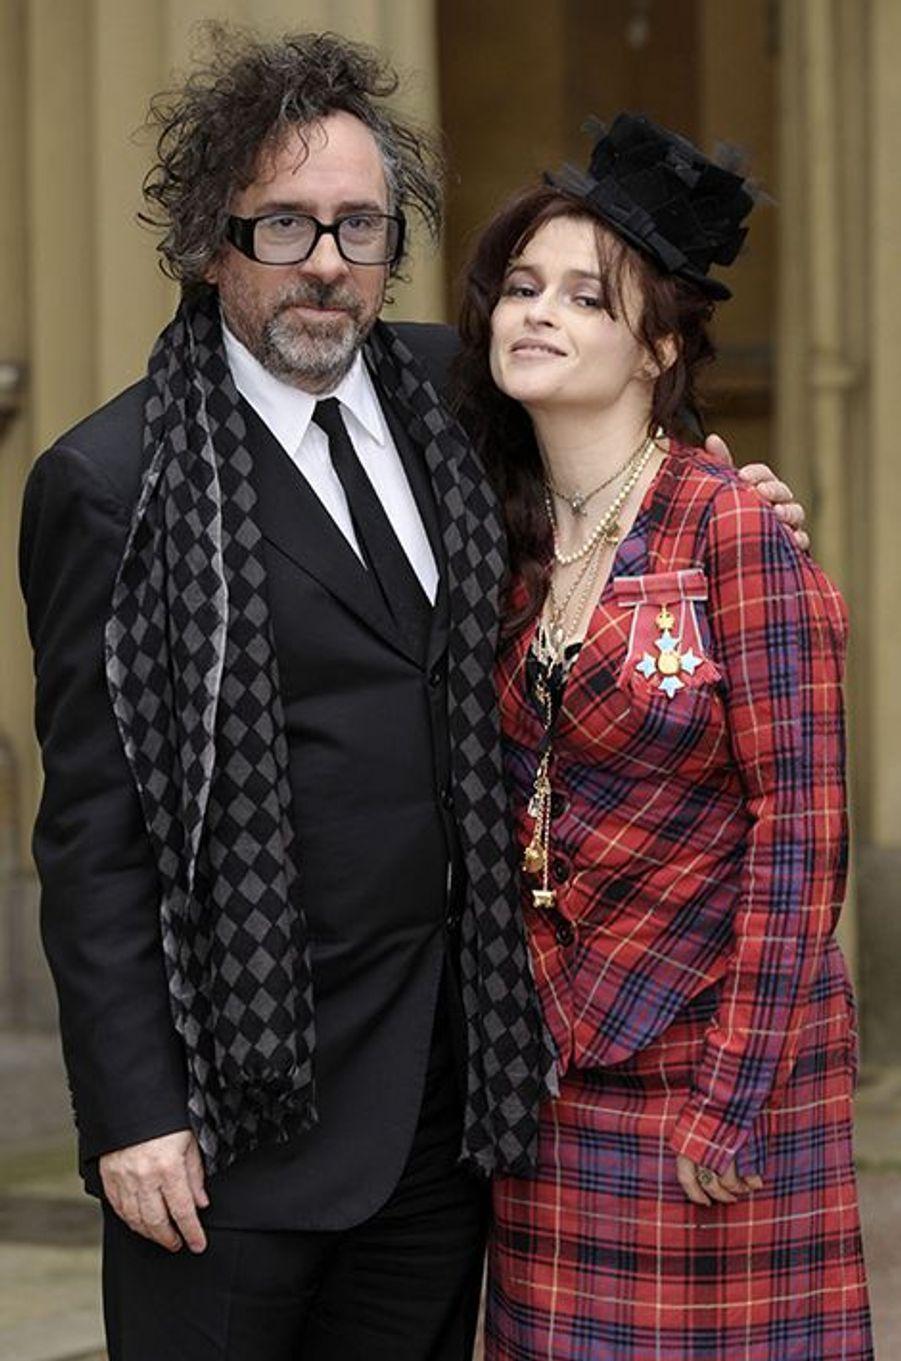 À Buckingham Palace, le 22 février 2012. Helena Bonham Carter, honorée, avait reçu le grade de Commandeur de l'Ordre de l'Empire Britannique